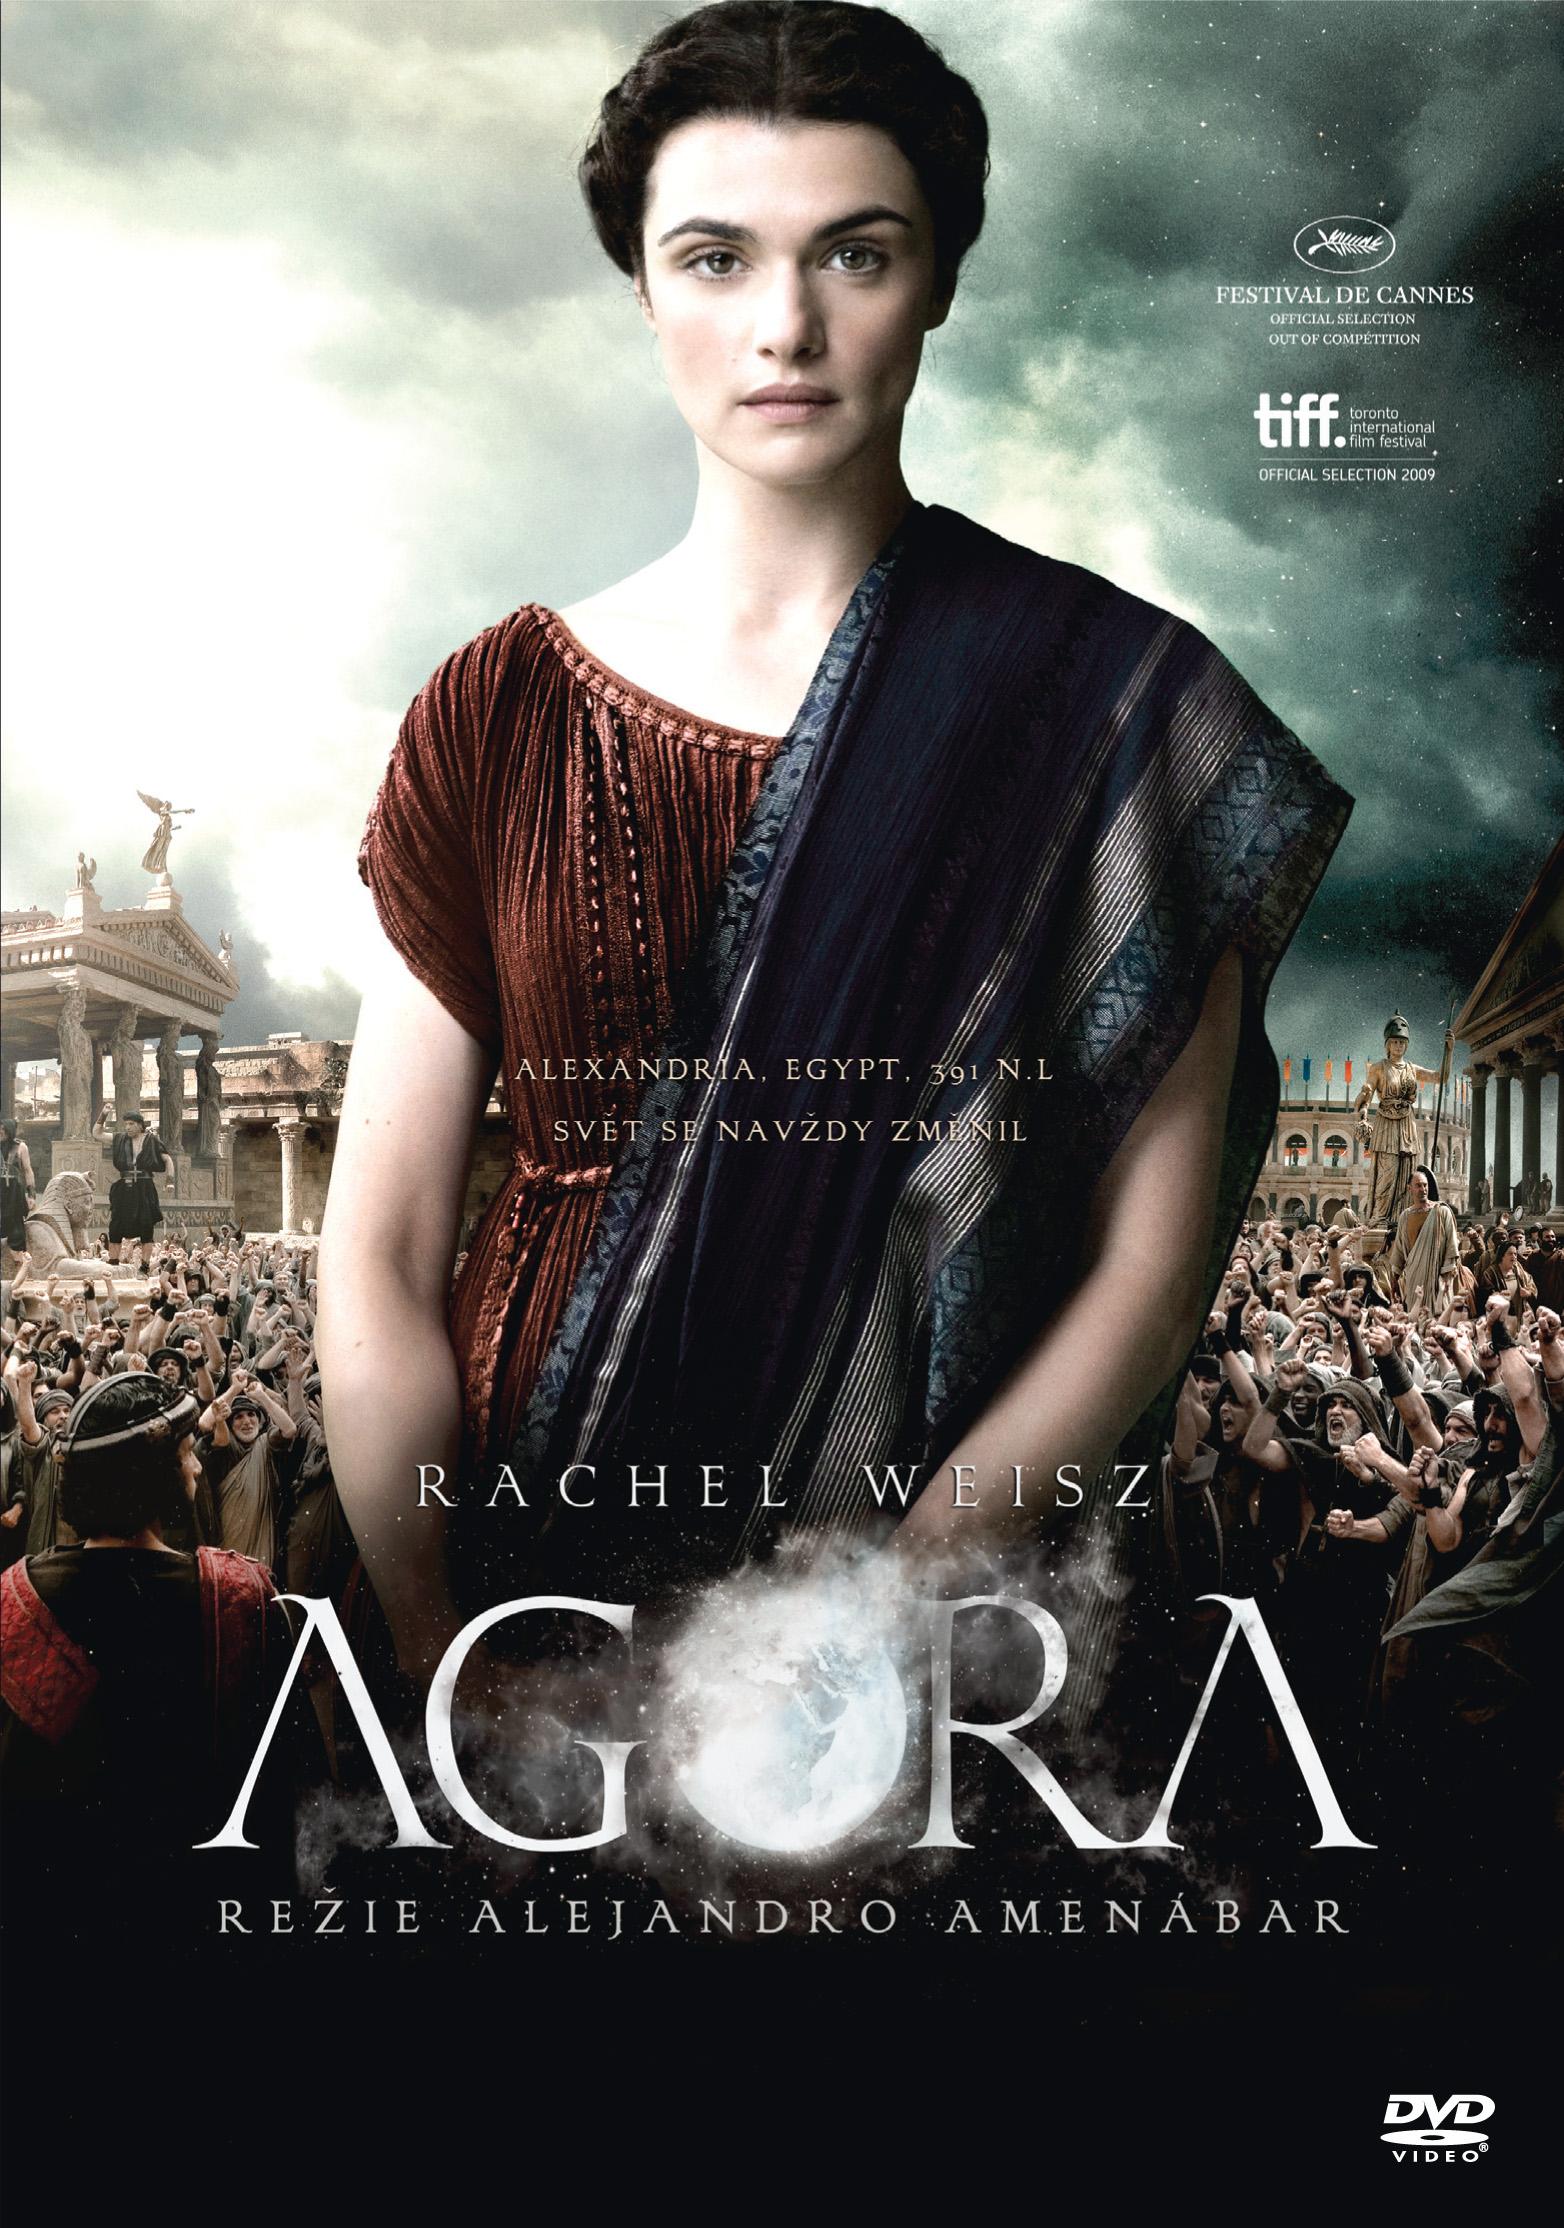 Film Agora ke stažení - Film Agora download